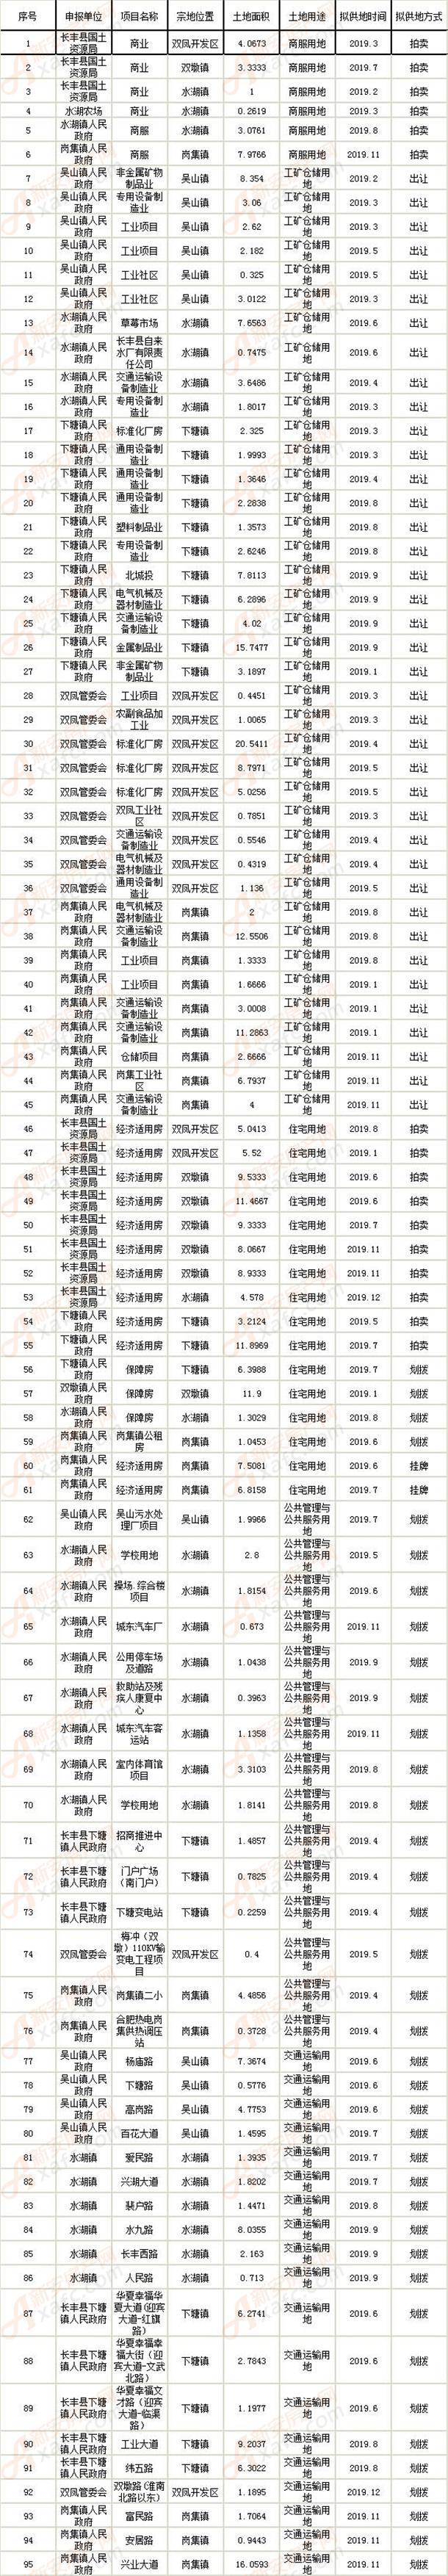 长丰县2019年度国有建设用地供应宗地表